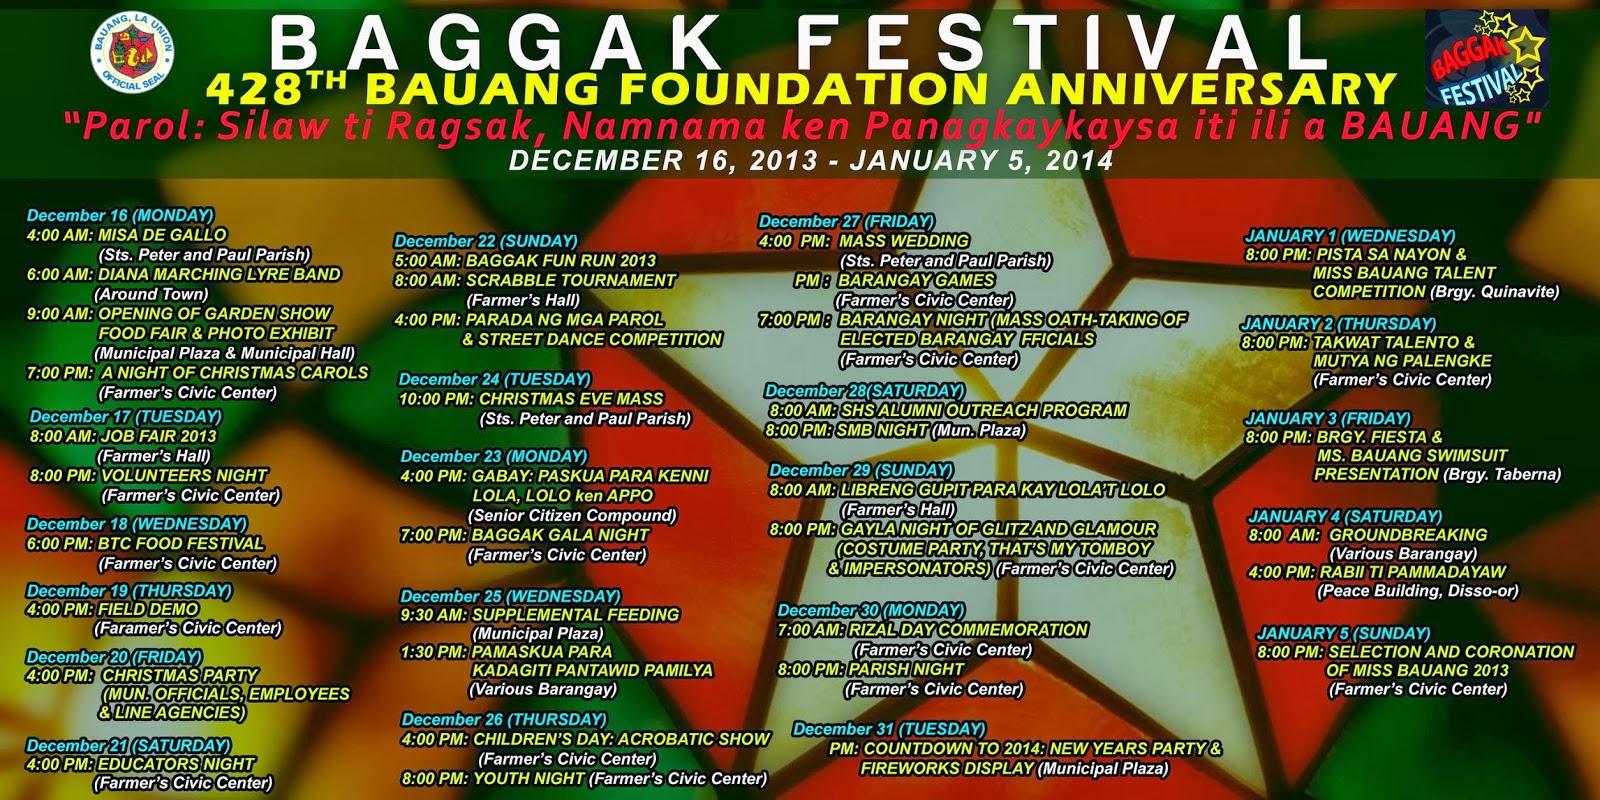 Byahero Baggak Festival 2013 Schedule Of Activities